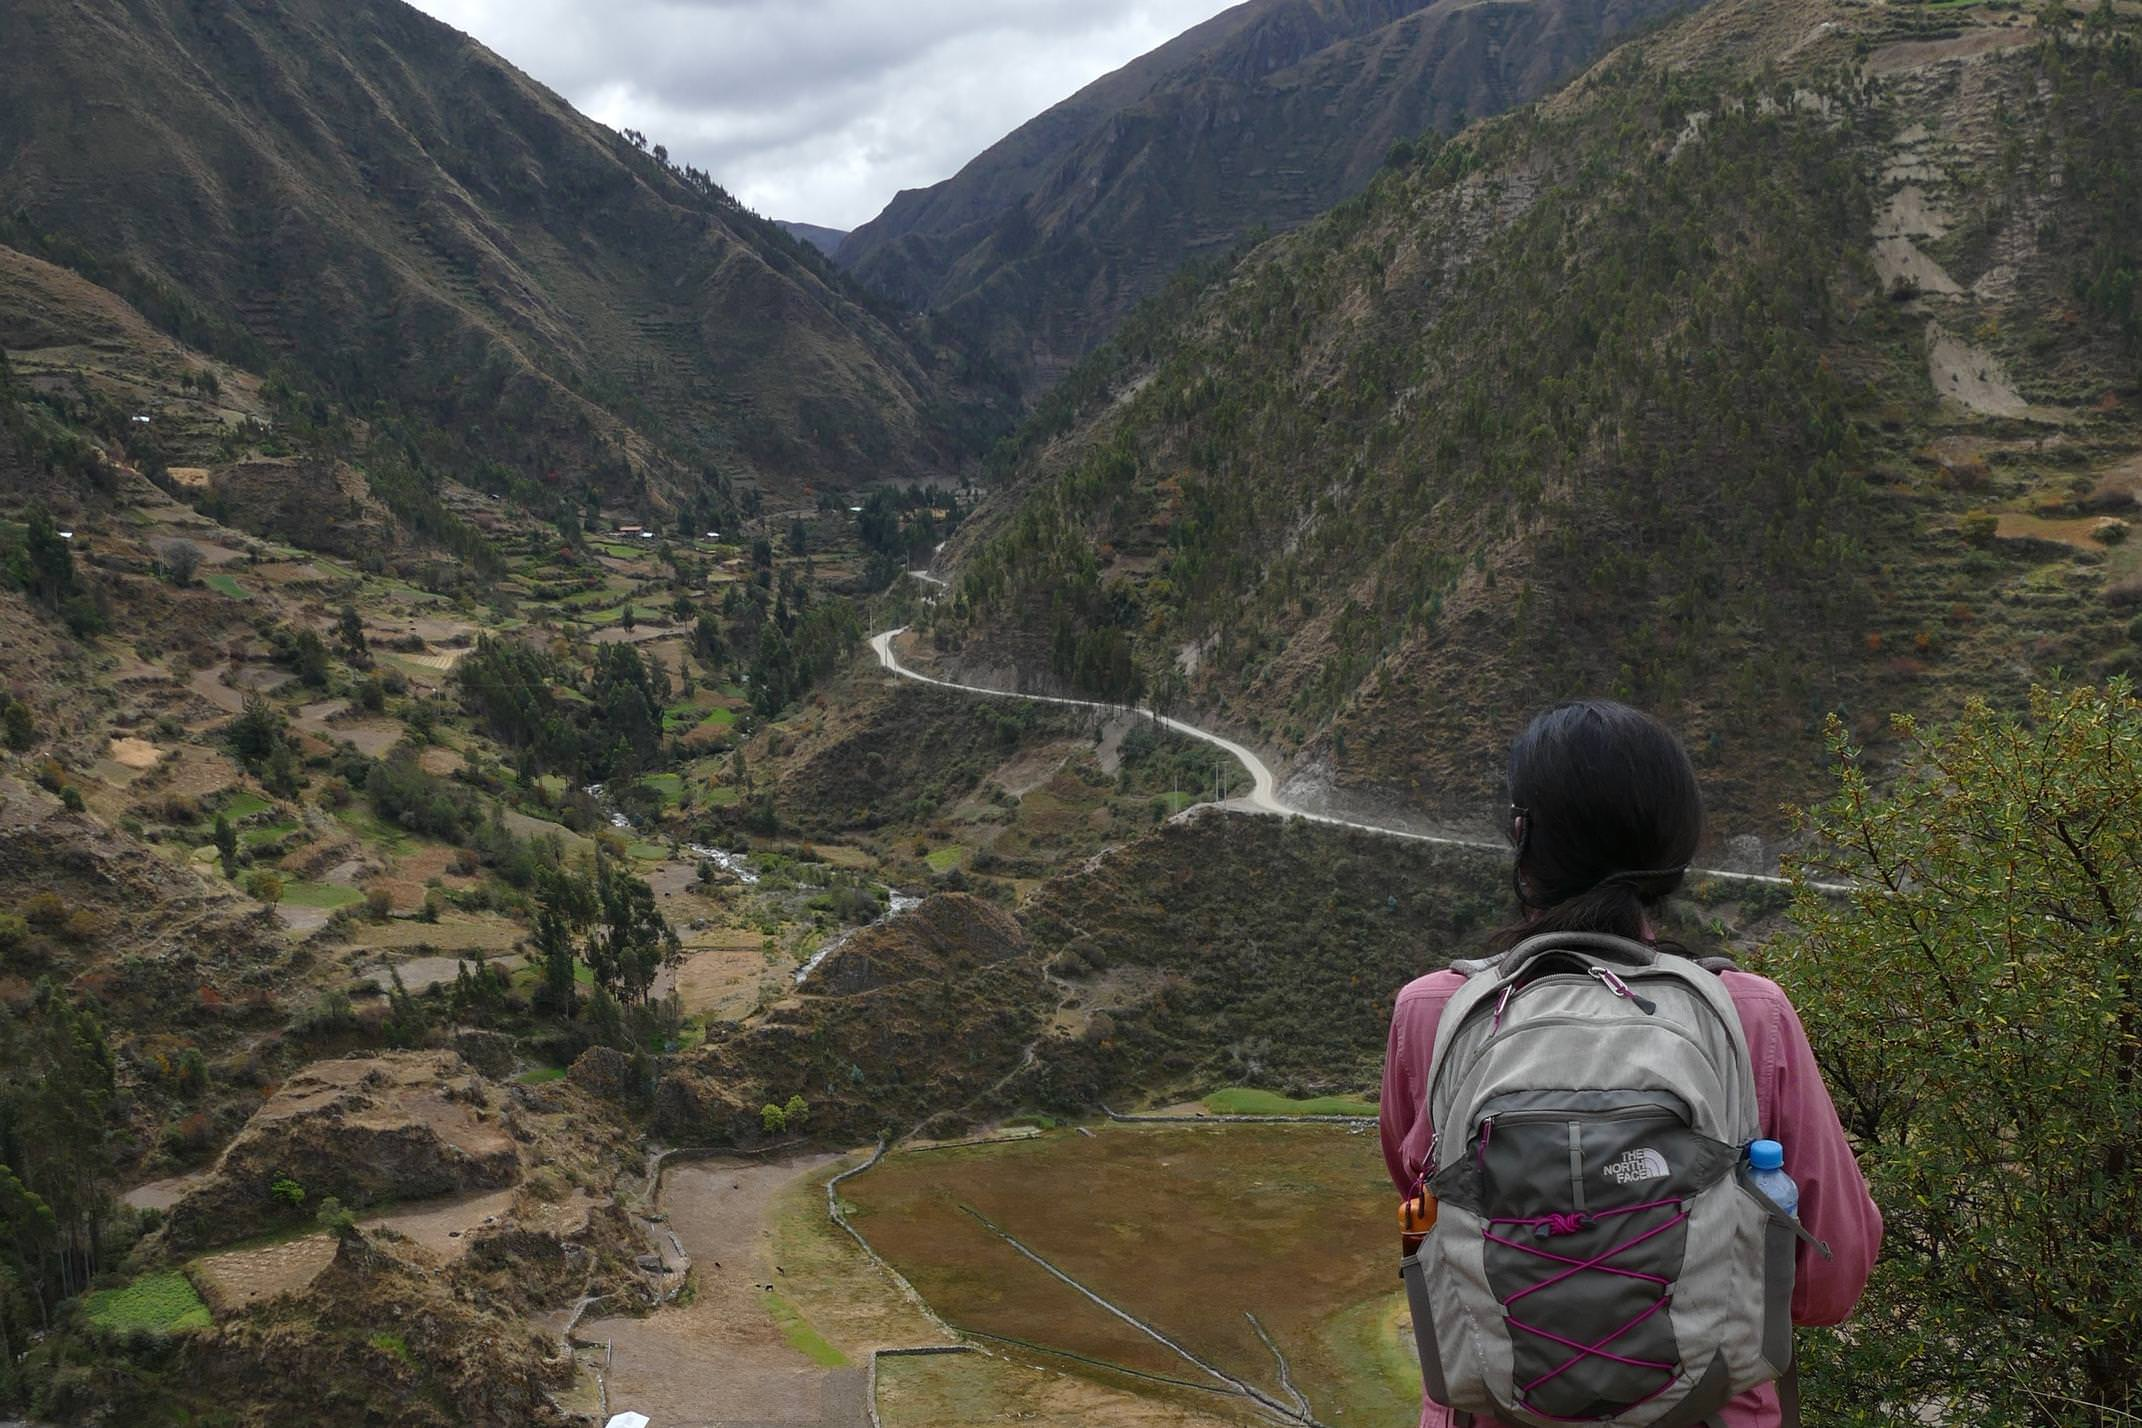 Peru sacred valley walking near huilloq c sarah peru